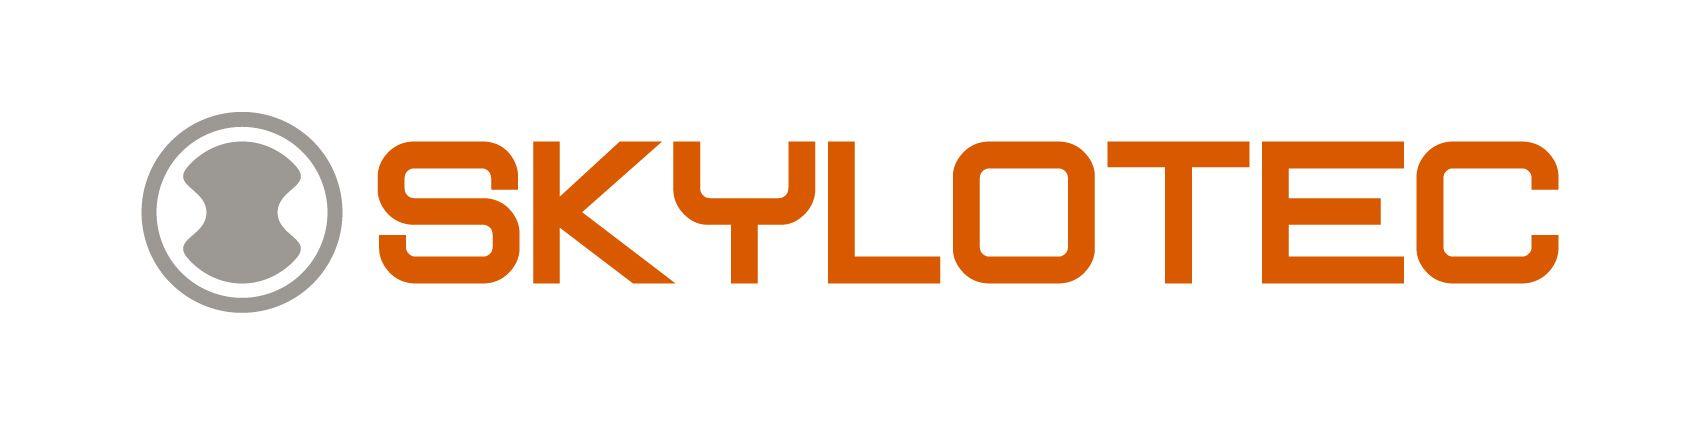 Skylotec Australia